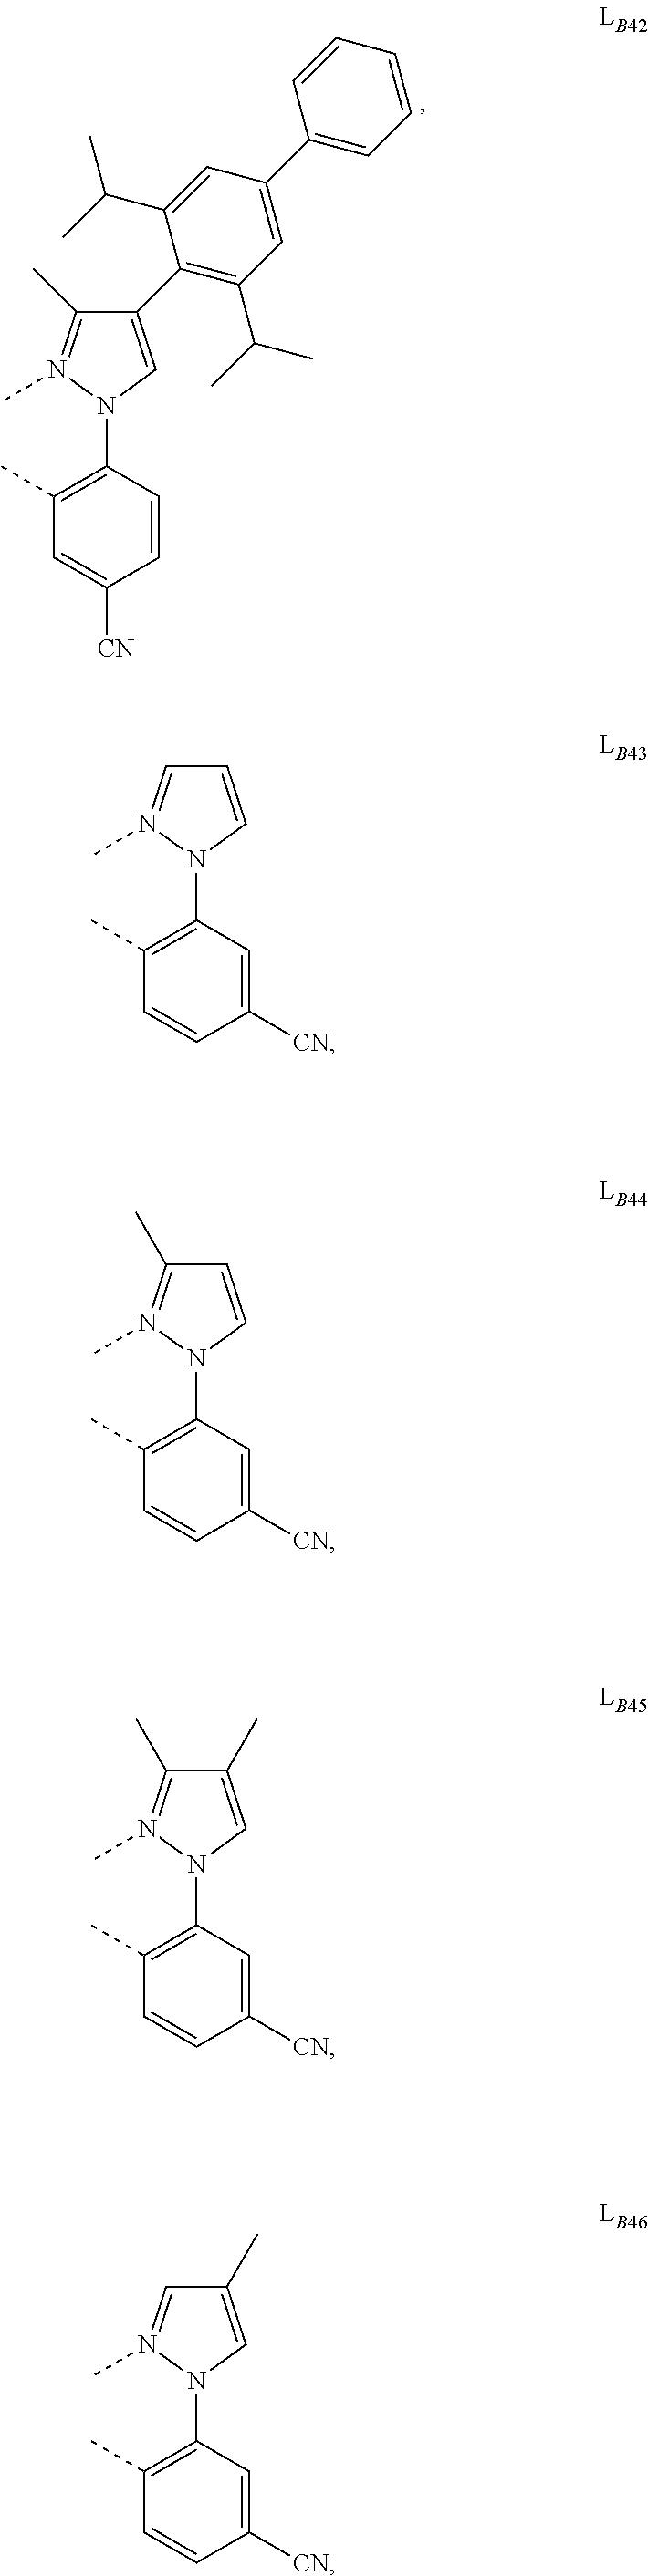 Figure US09905785-20180227-C00112